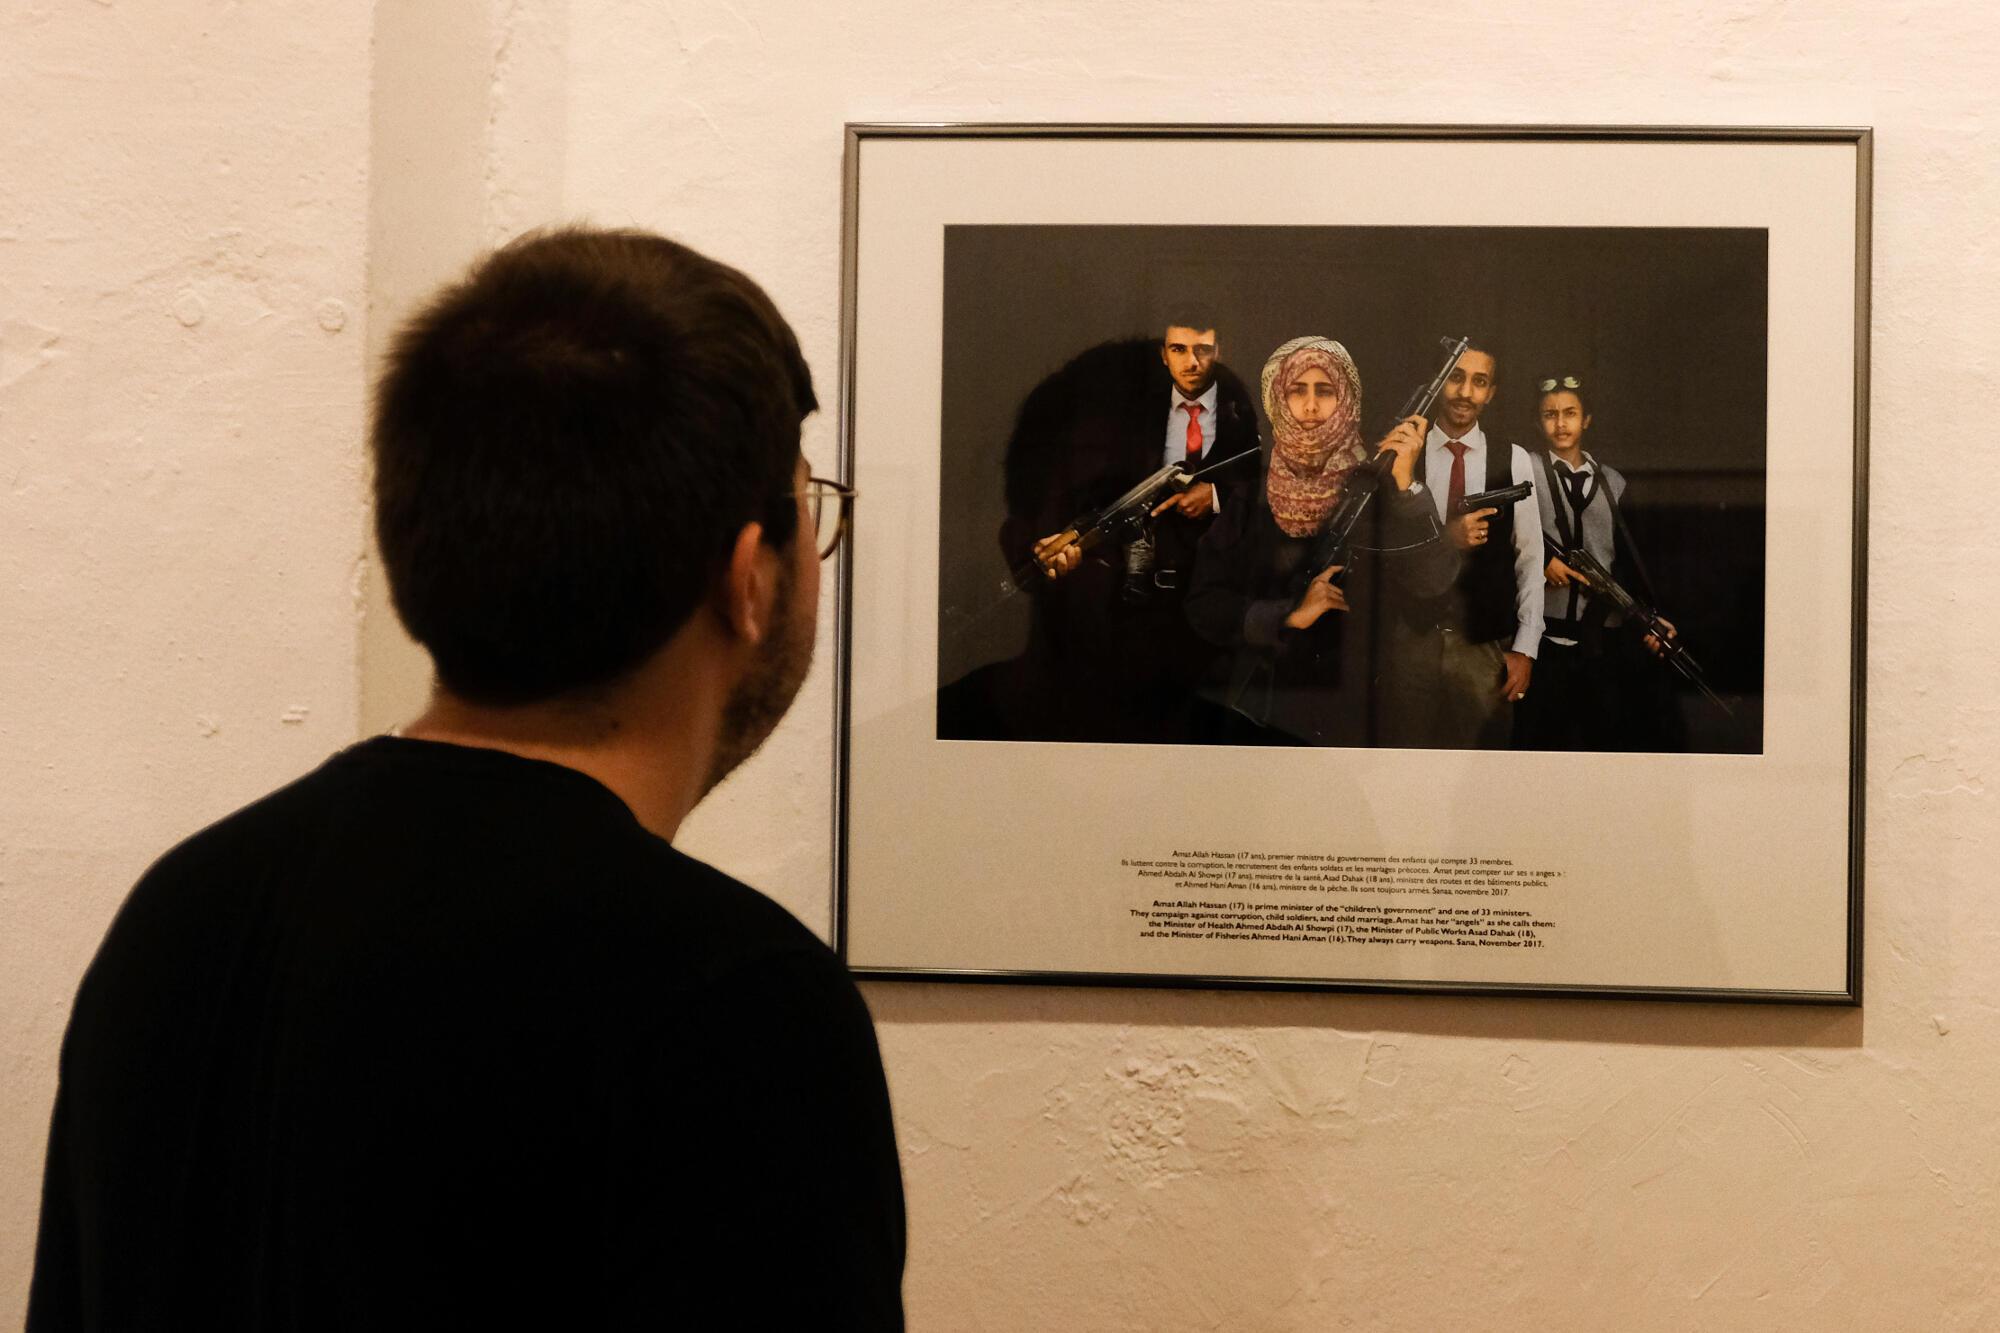 Véronique de Viguerie a tiré le portrait d'Amat Allah Hassan, Première ministre du gouvernement des enfants, entourée de ses ministres, adolescents armés en costume-cravate.